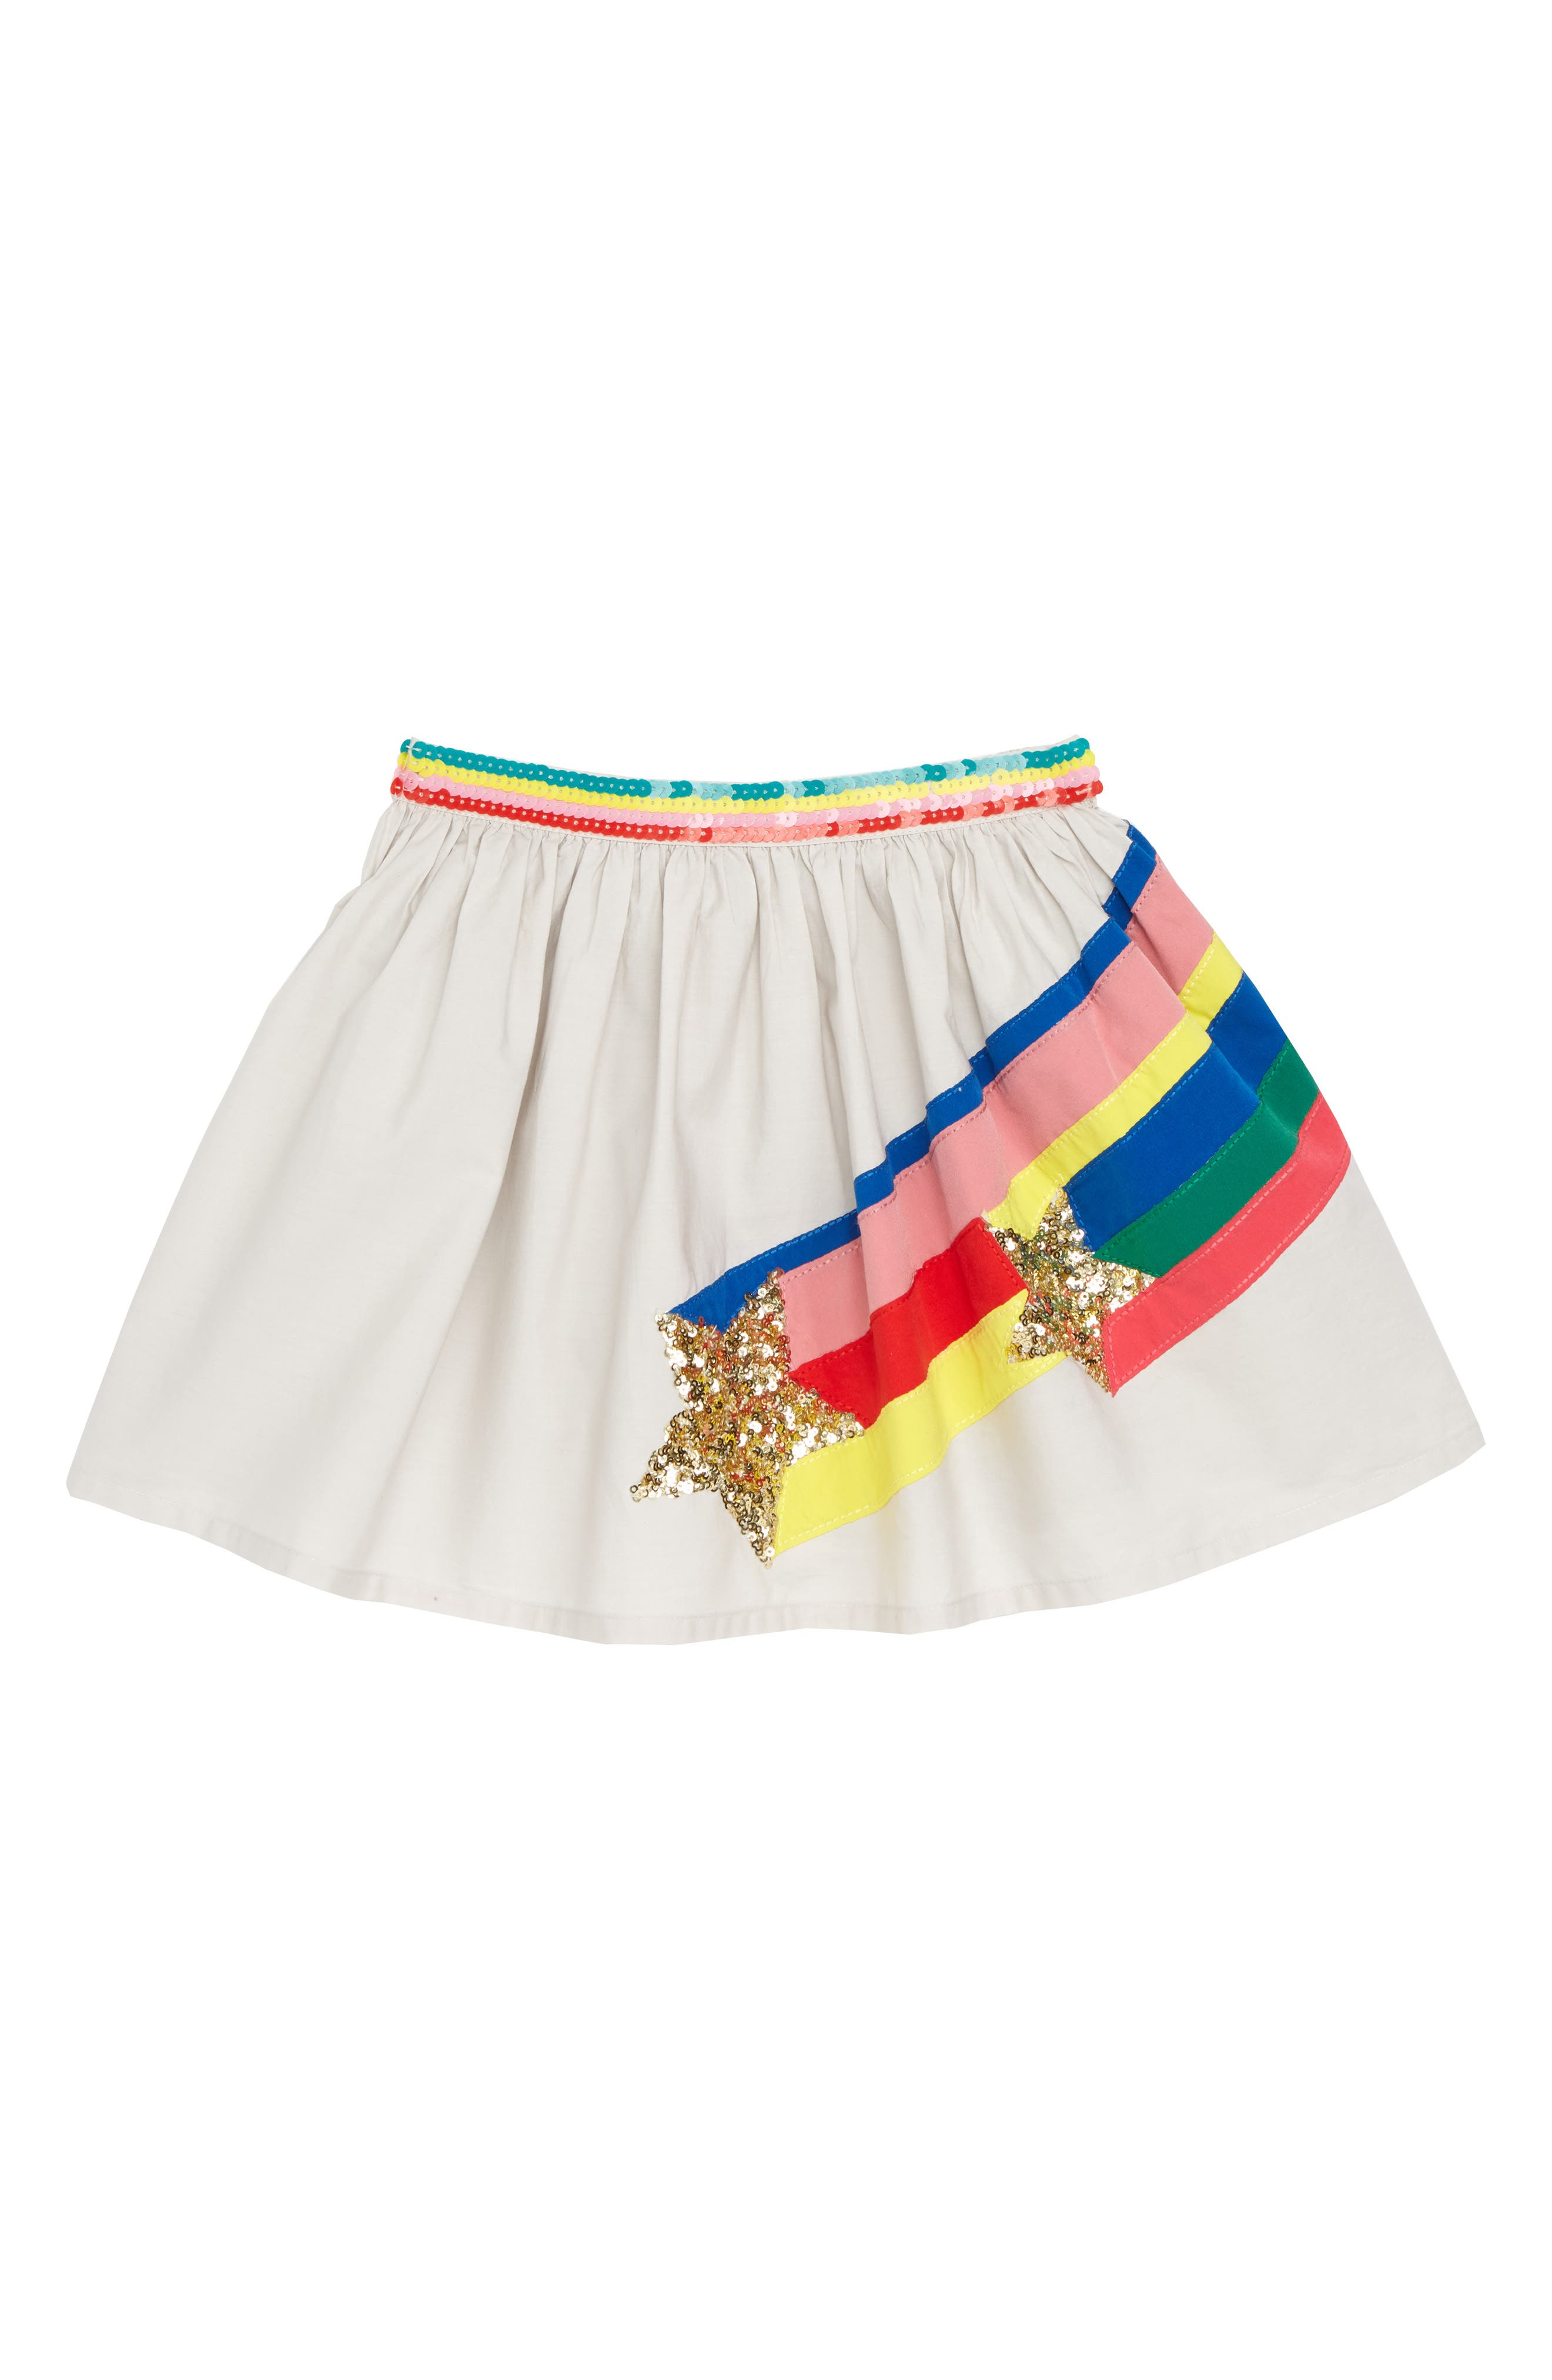 Sequin Appliqué Skirt,                             Main thumbnail 1, color,                             054